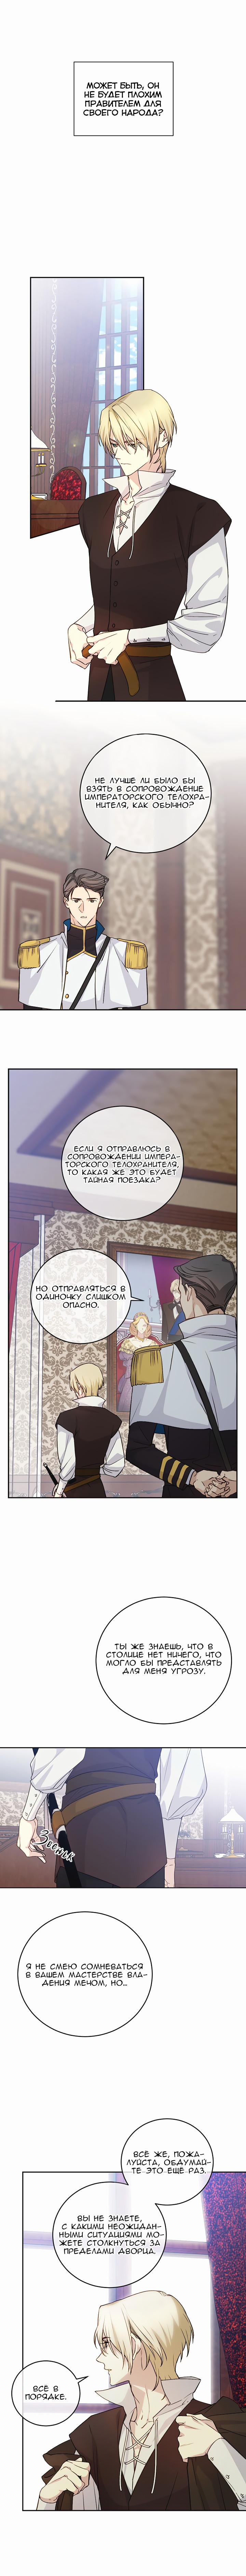 Манга Способная горничная / Capable maid  - Том 1 Глава 30 Страница 10